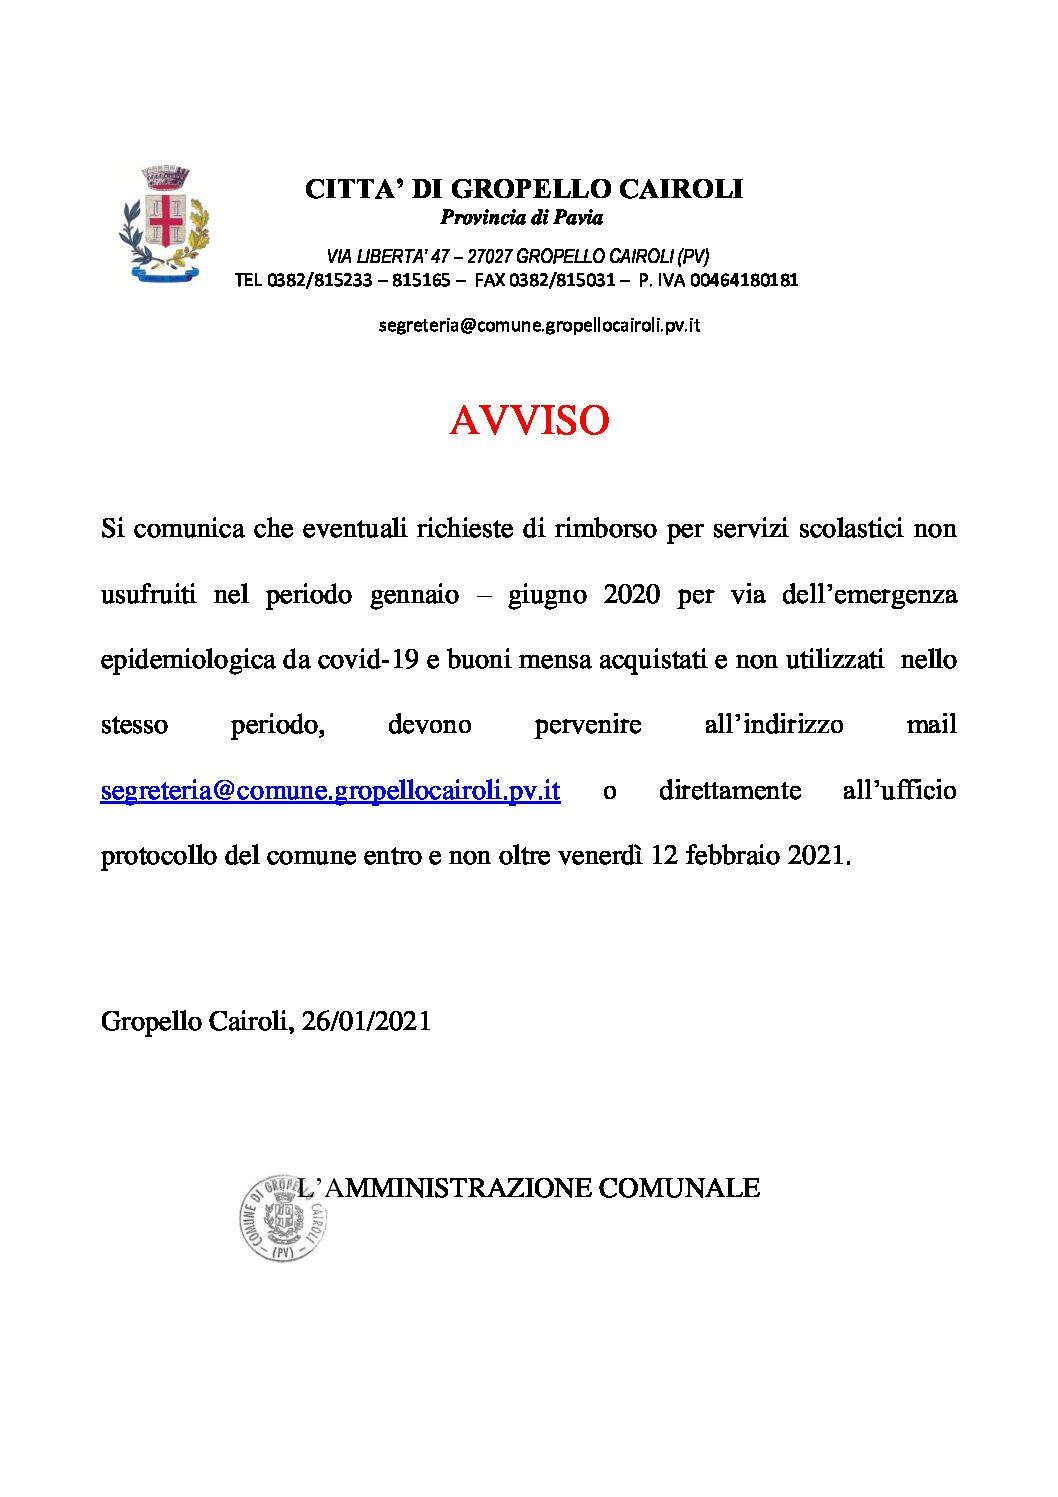 AVVISO RIMBORSO SERVIZI SCOLASTICI, GENNAIO-GIUGNO 2020